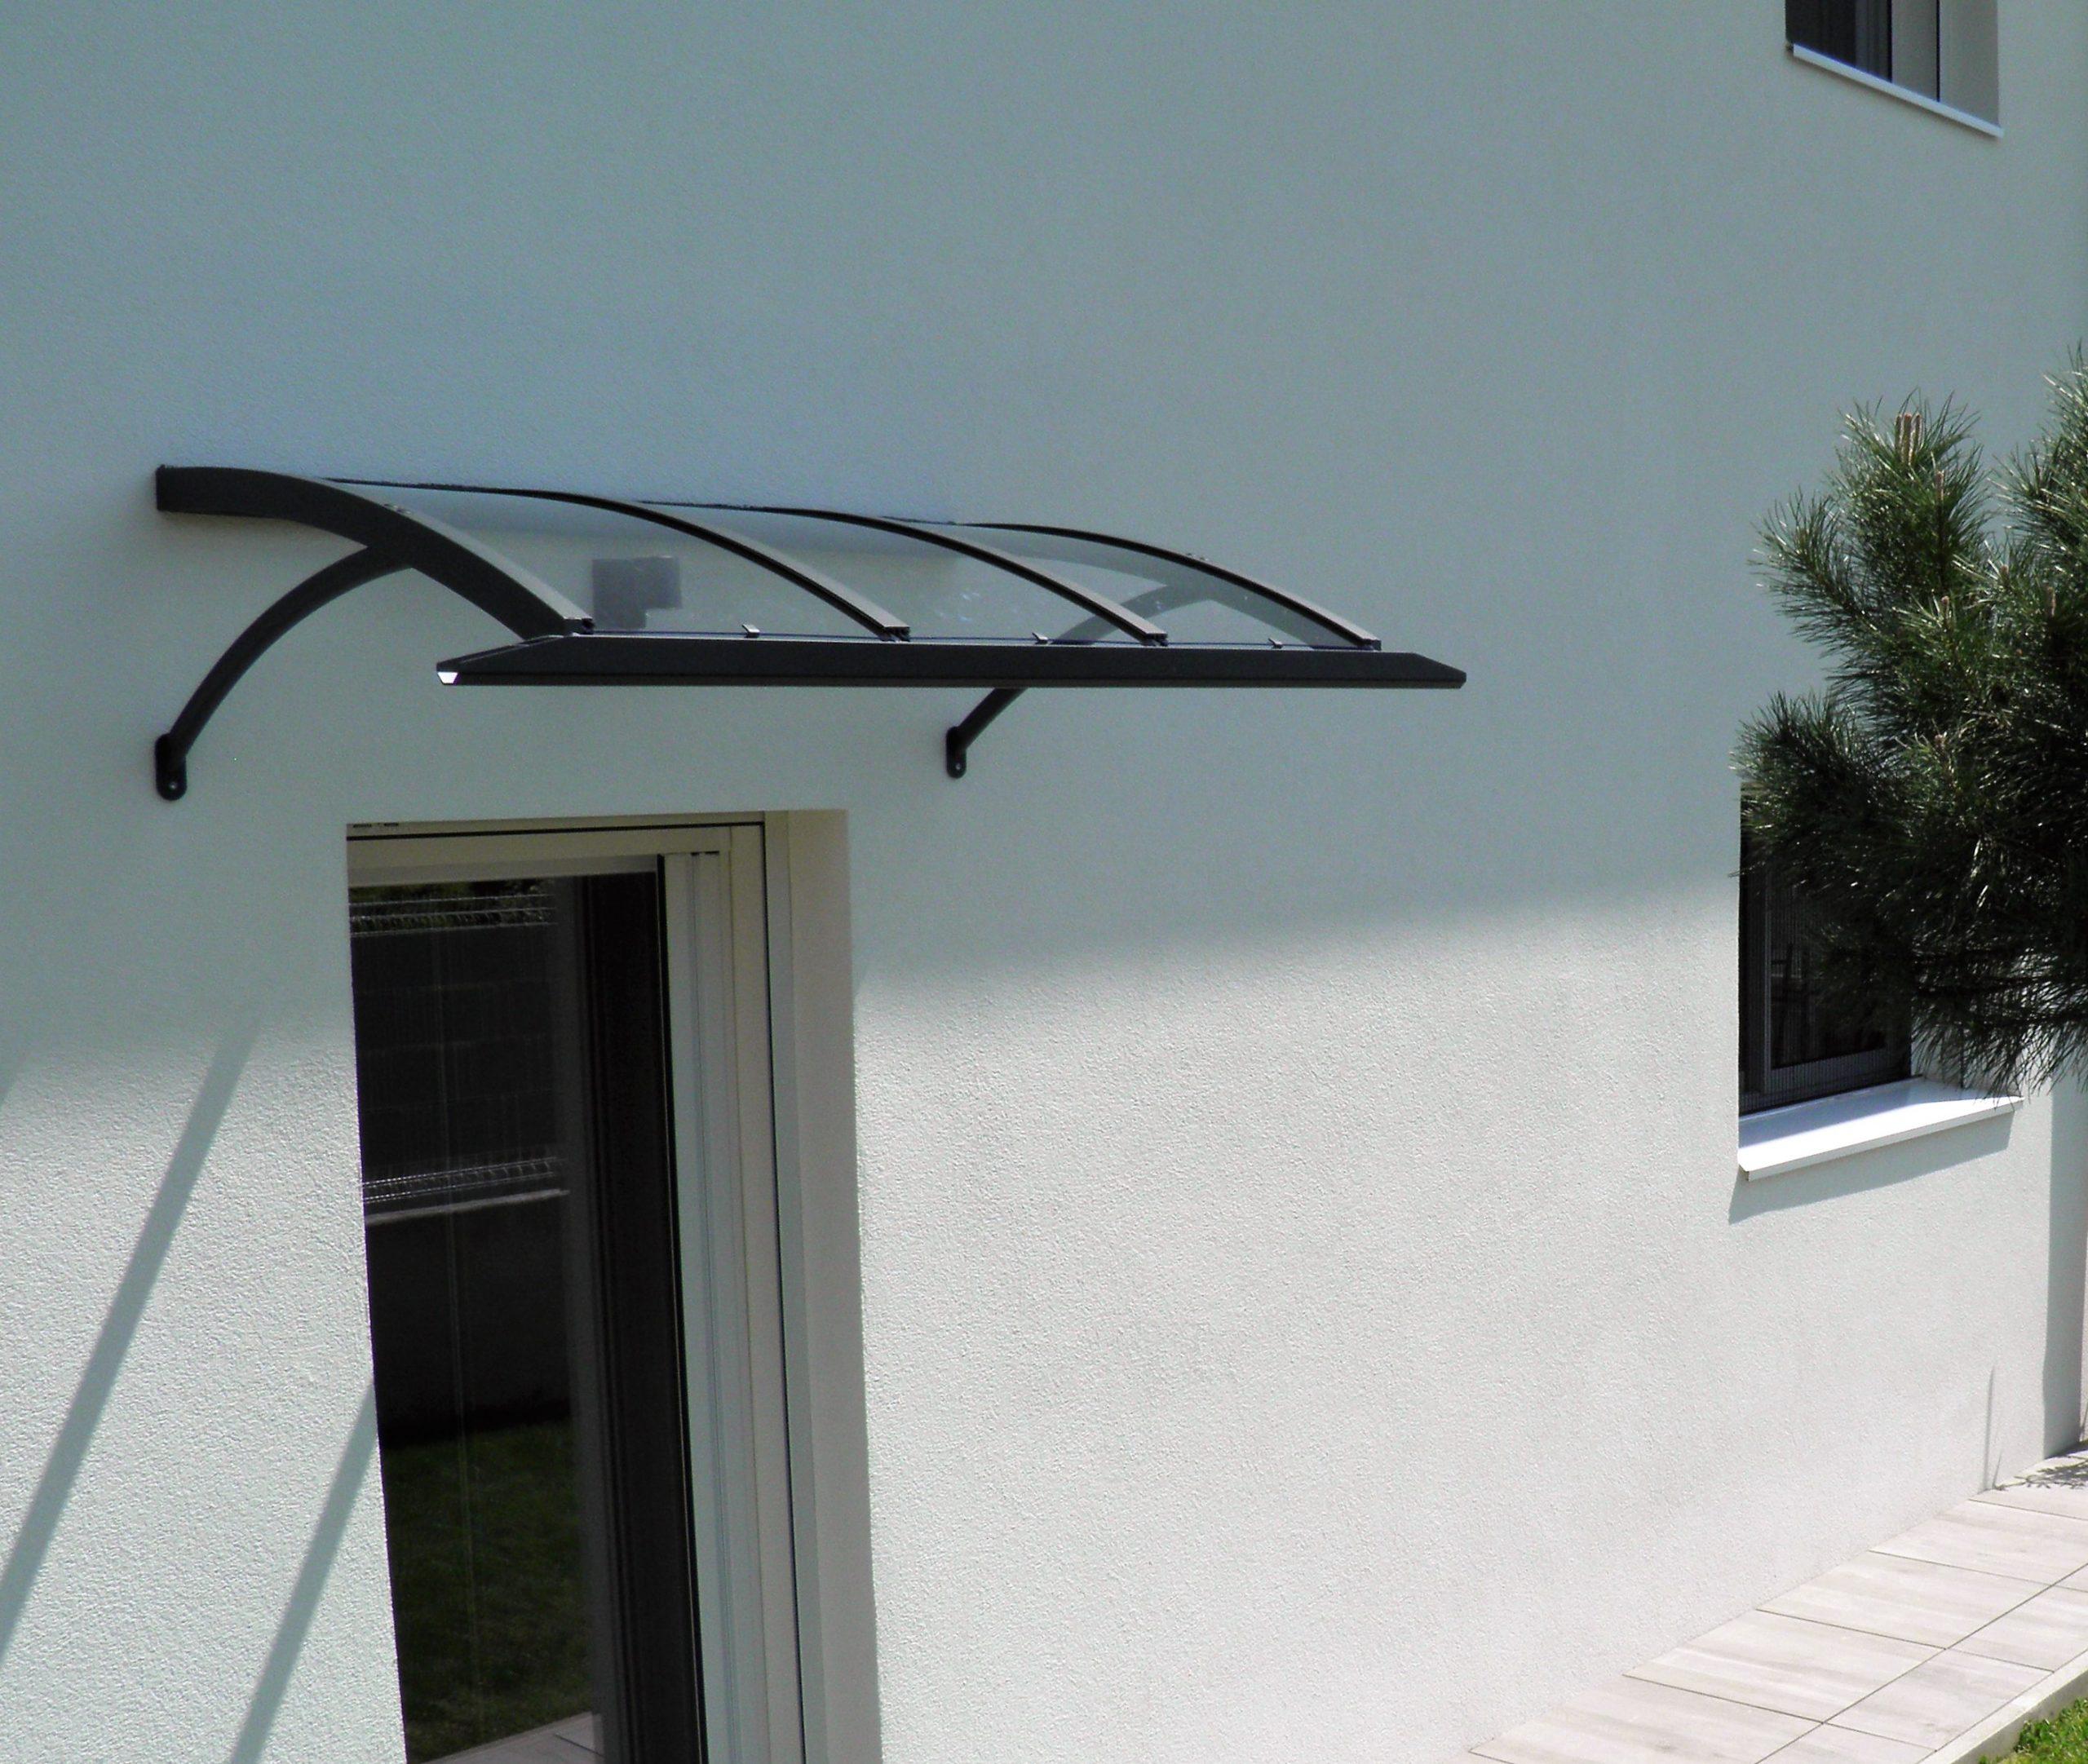 Auvent de porte cintrée avec chéneau pour récupération de l'eau de couleur noire